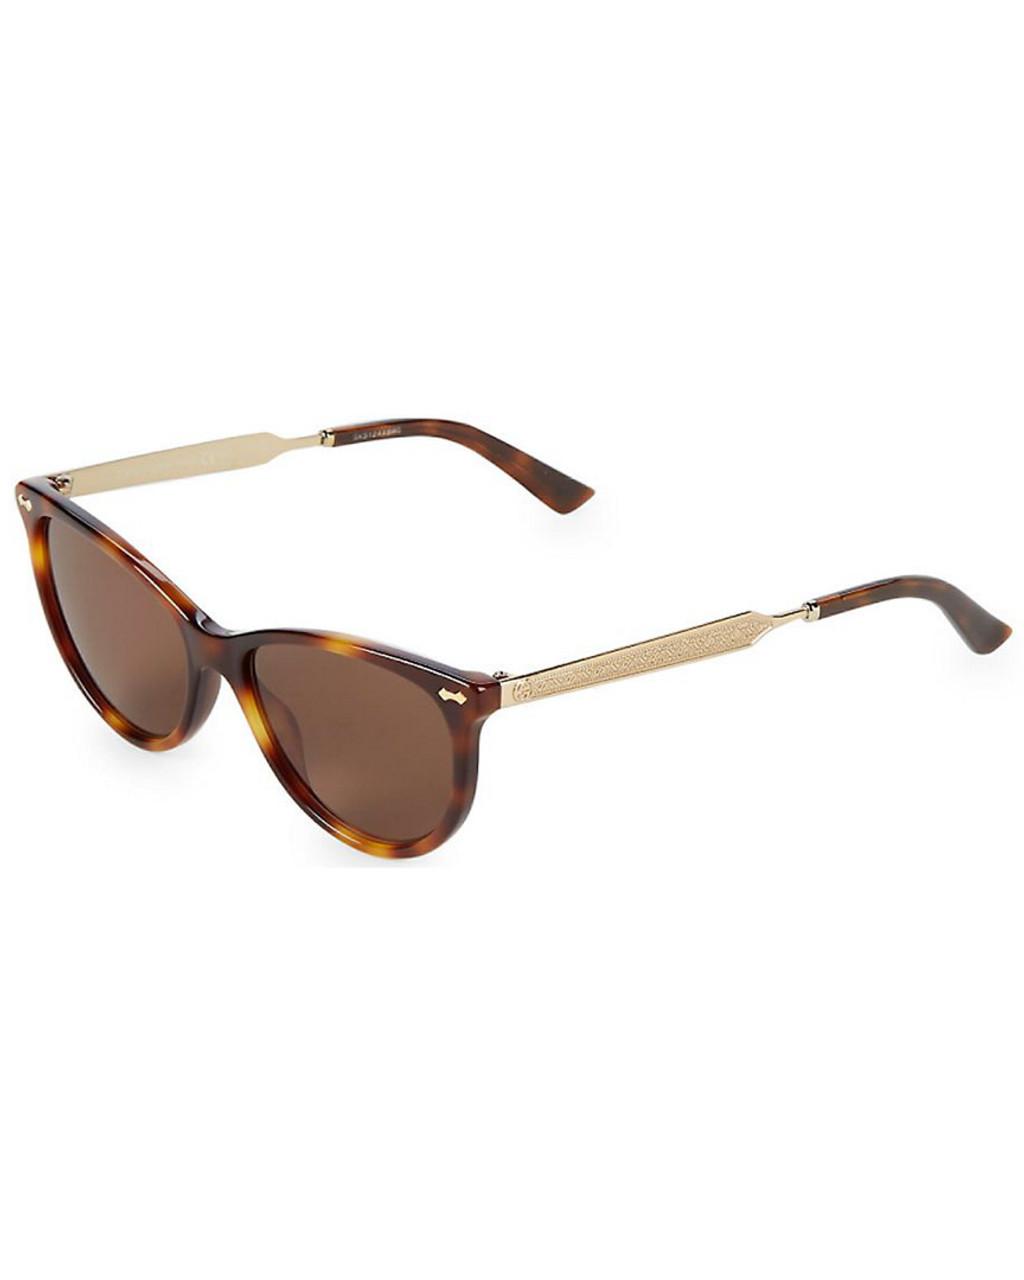 4814d0abd6e Gucci Women s GG 3818 50mm Polarized Sunglasses~1111861523 - Carsons